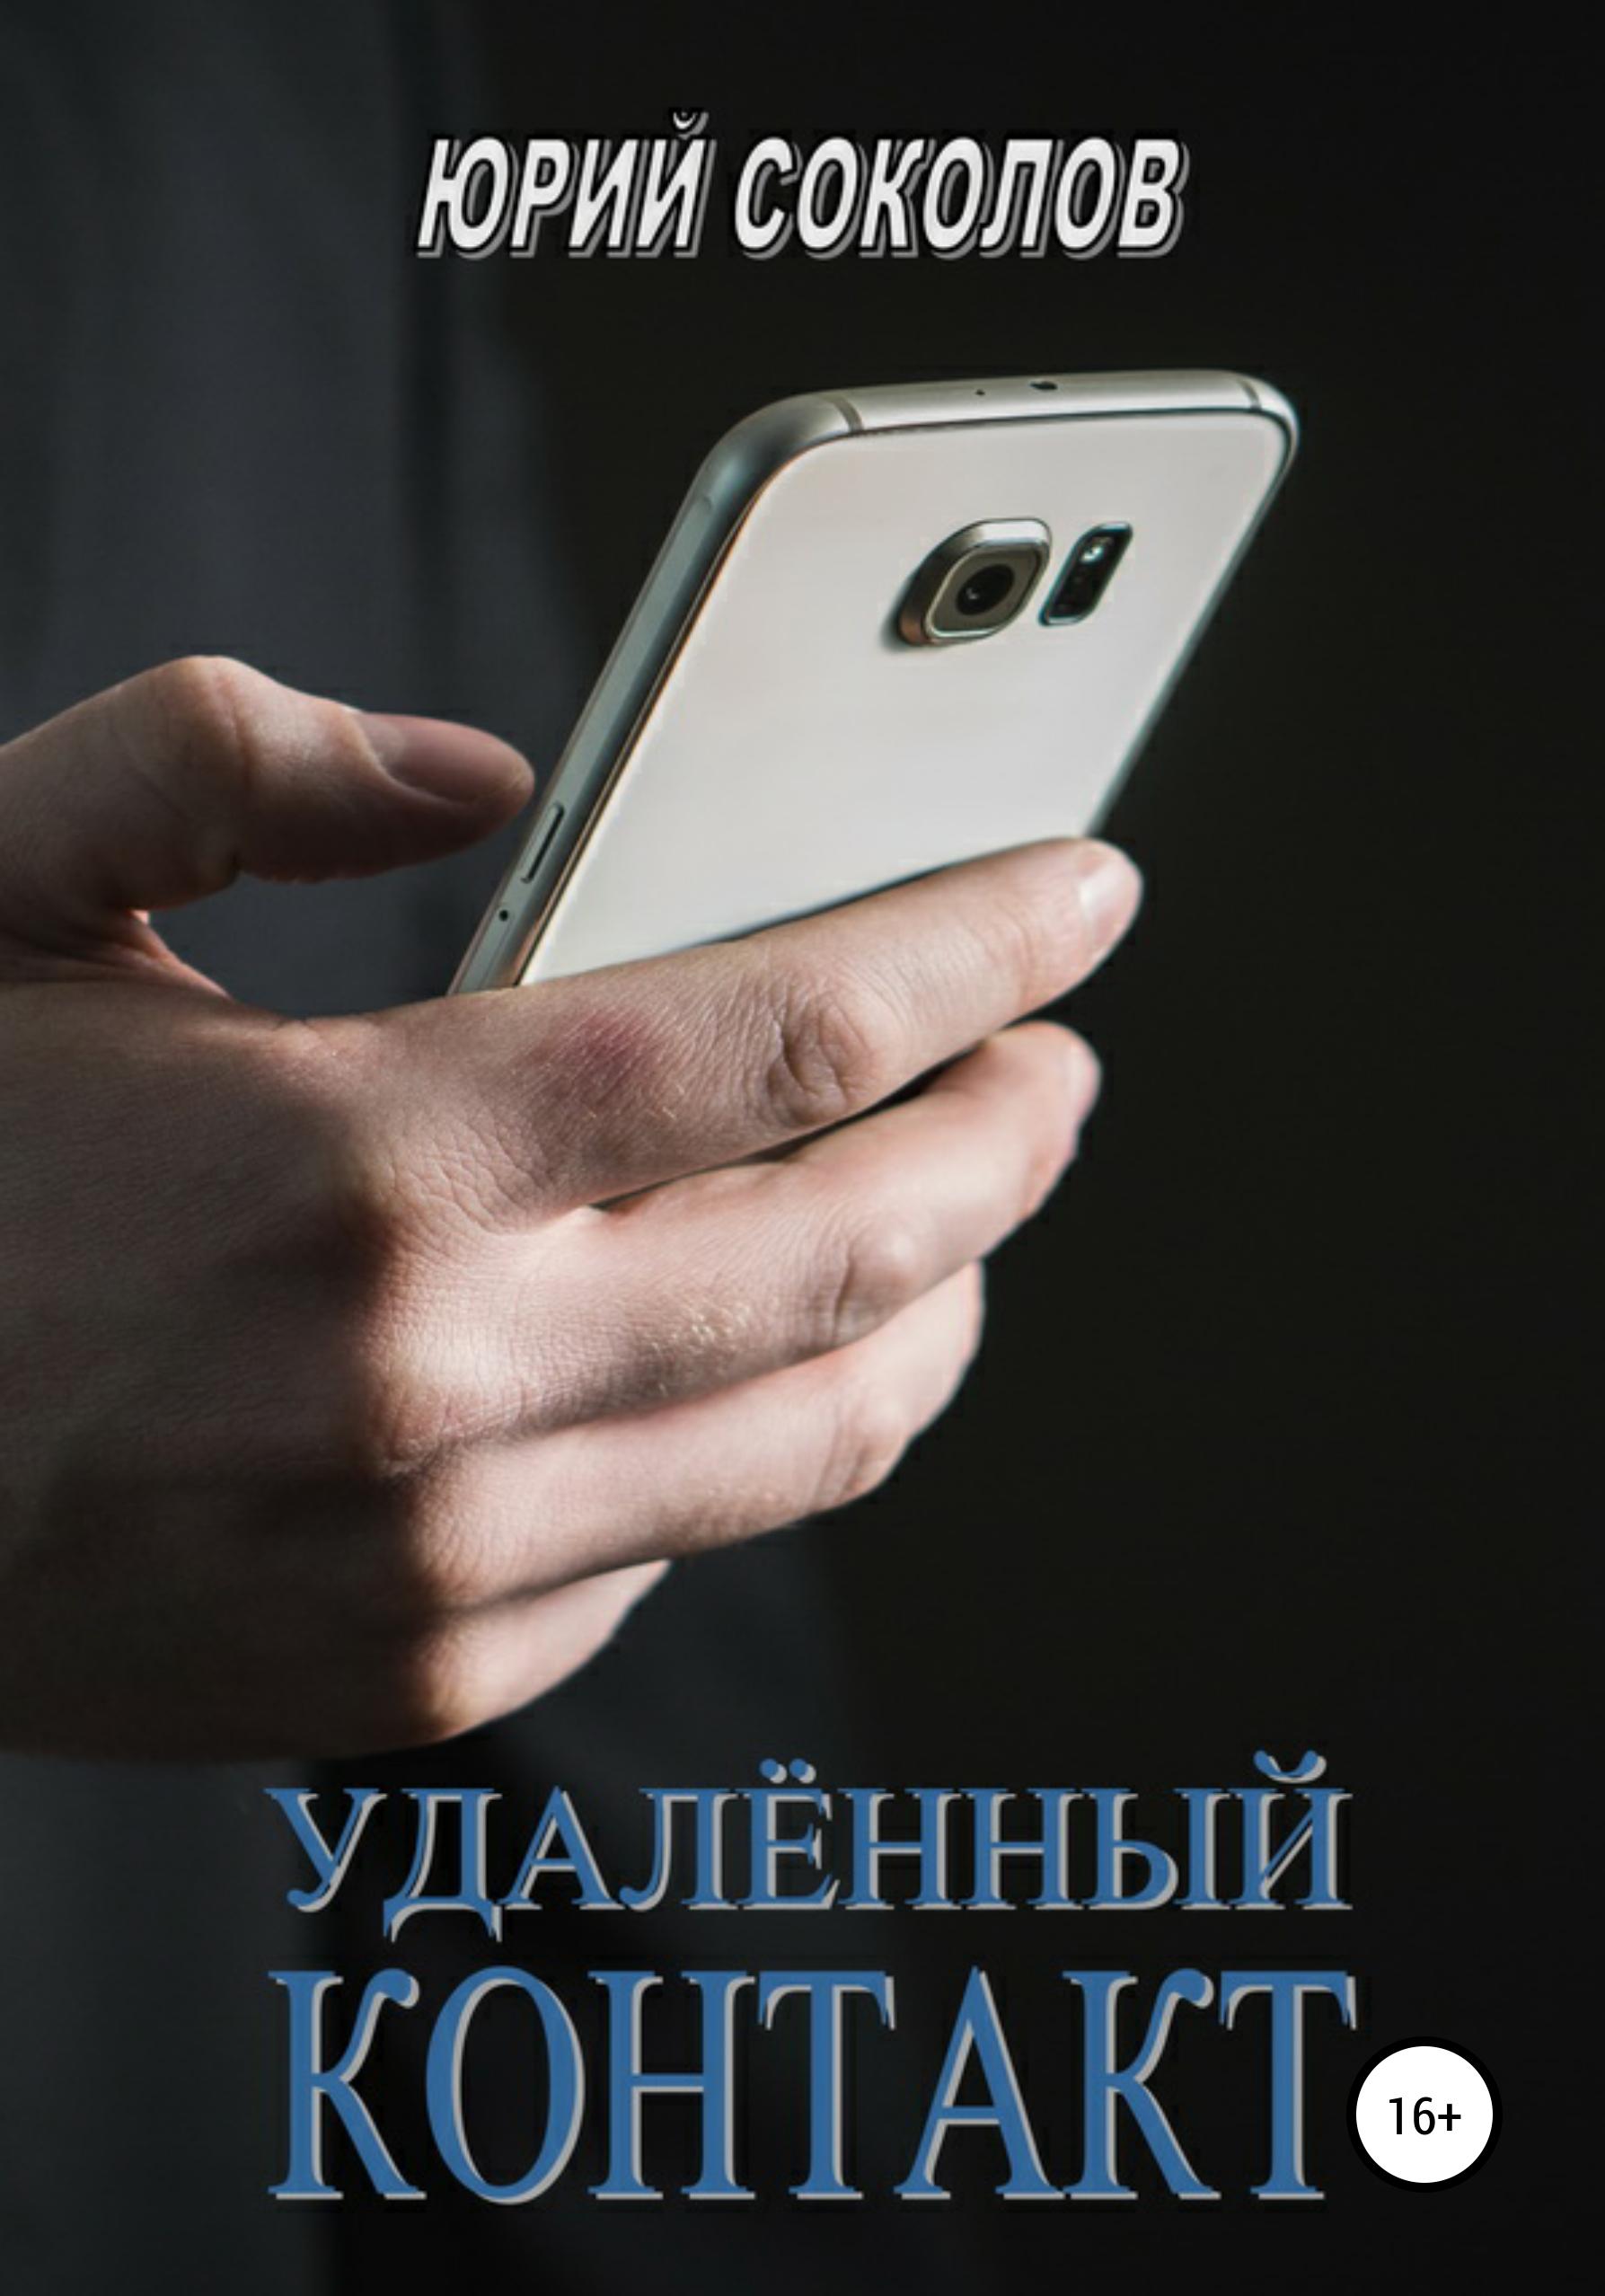 Юрий Соколов Удаленный контакт сотовый